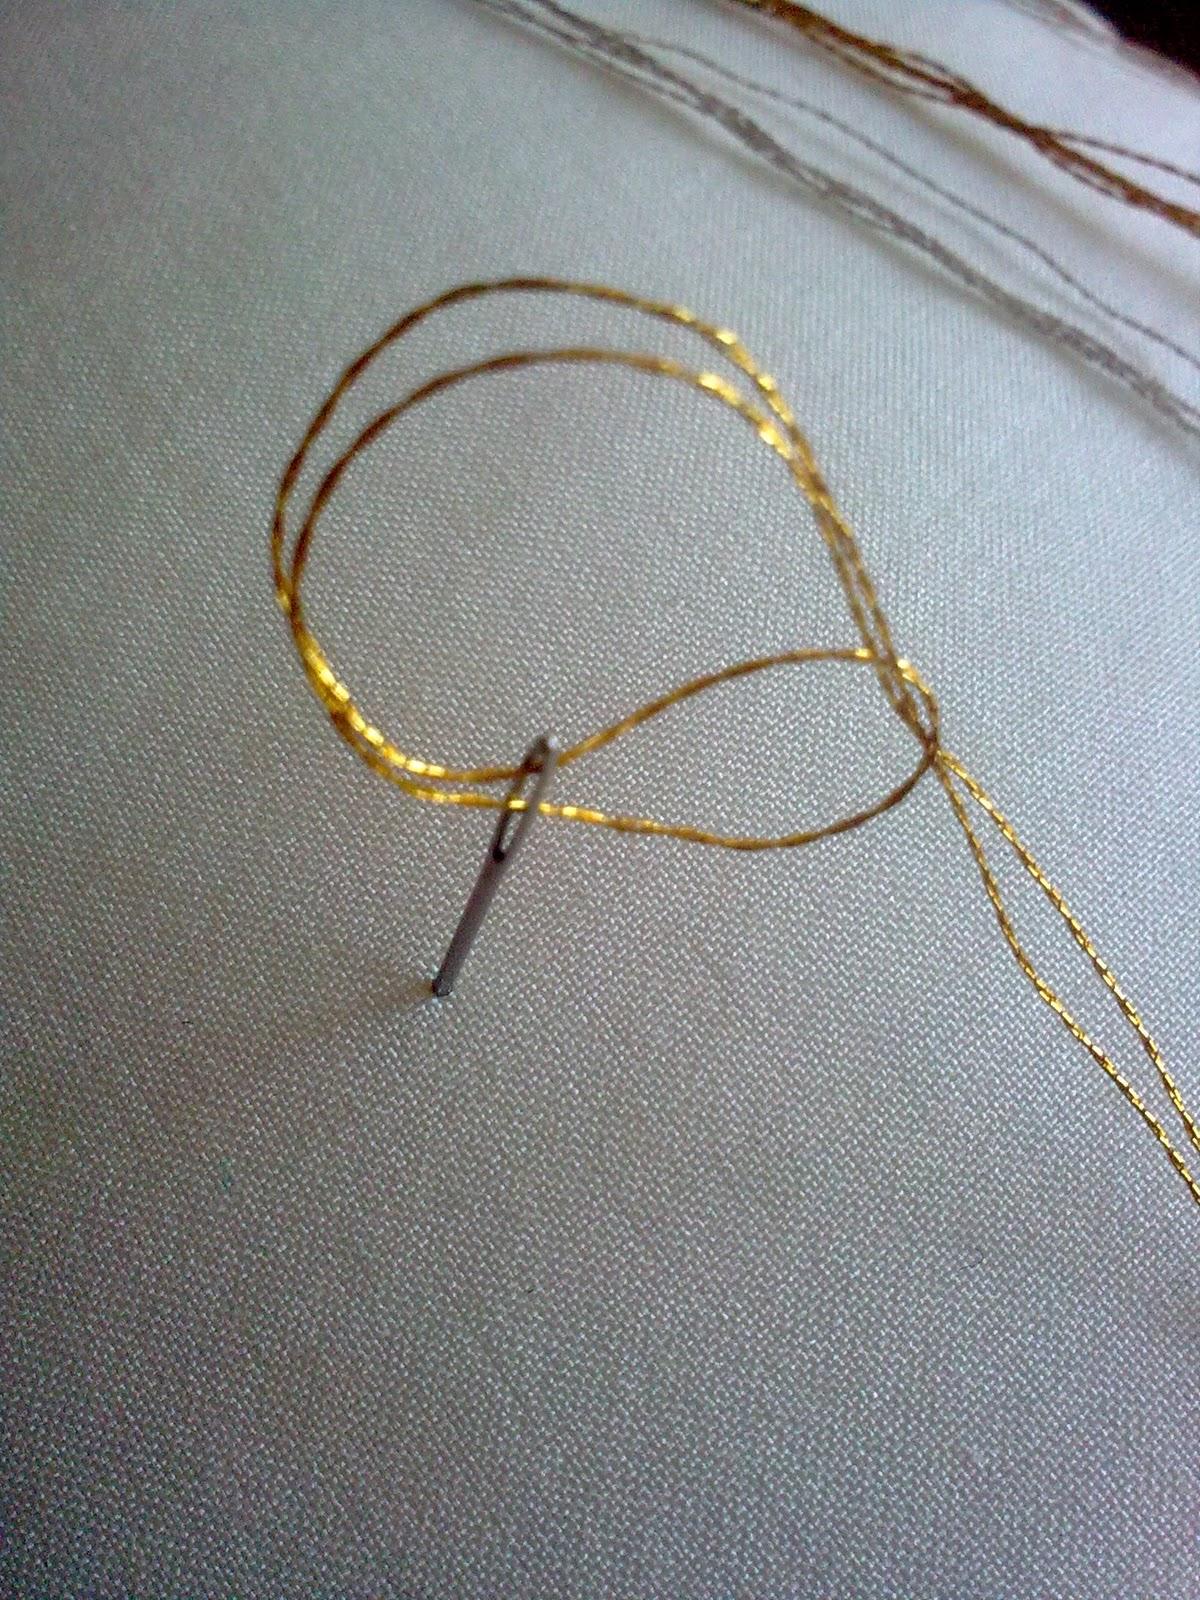 Как вышивать нитками металлик?